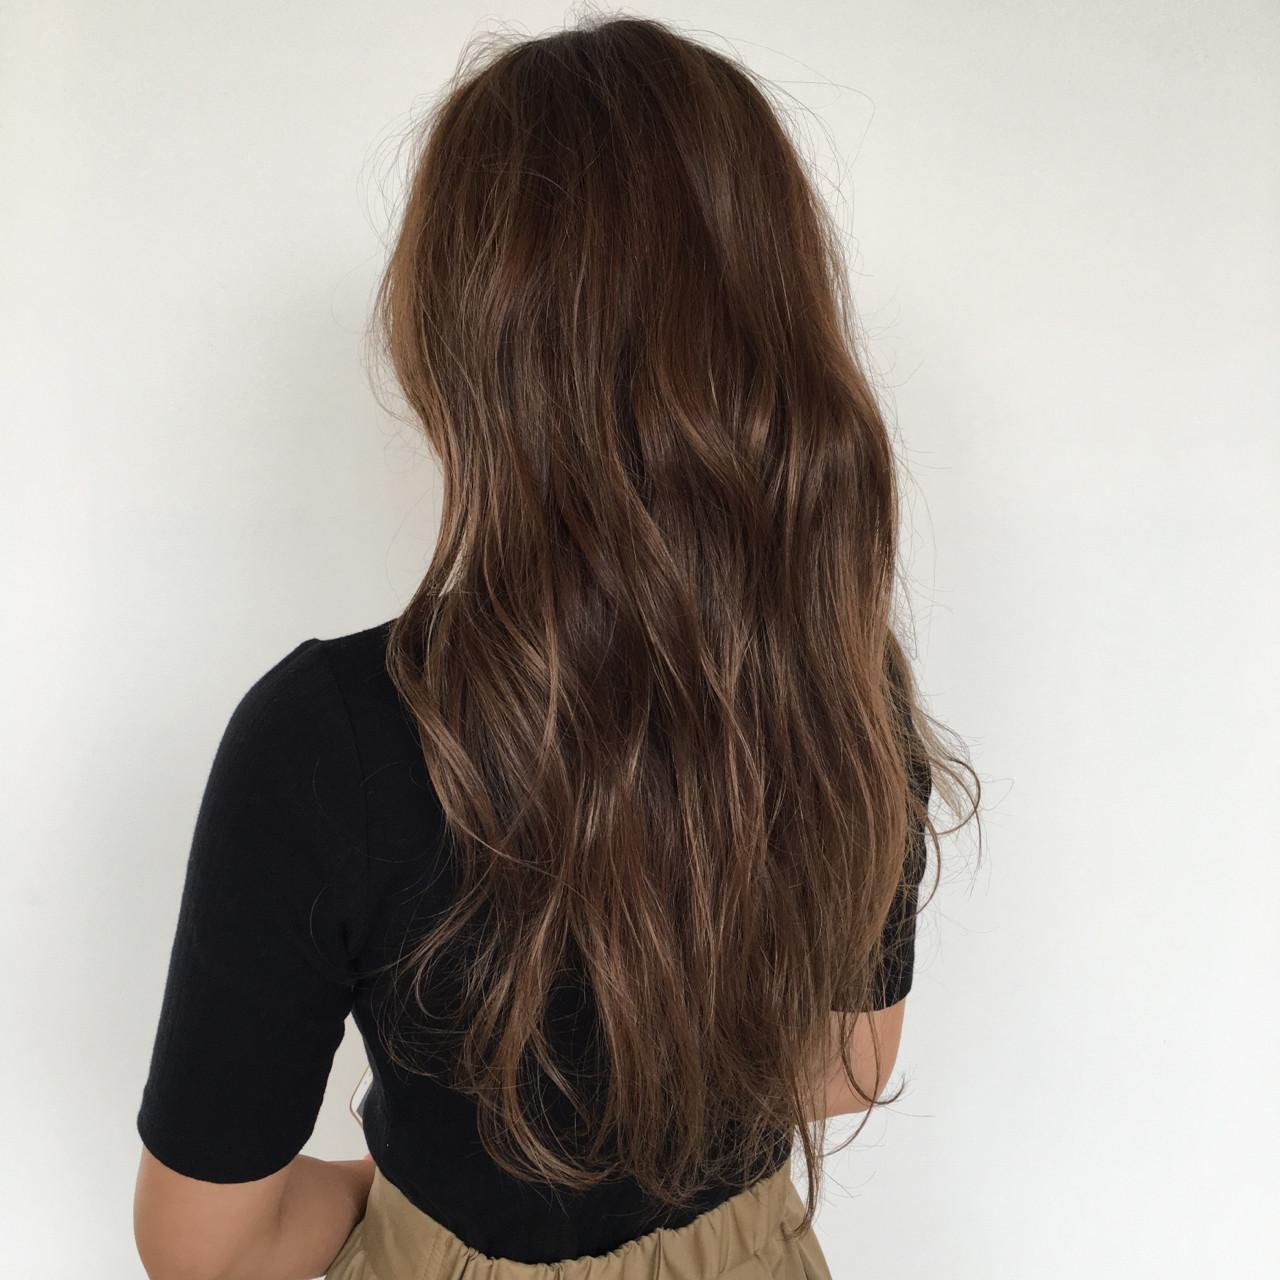 透明感 ロング ゆるふわ グレージュ ヘアスタイルや髪型の写真・画像 | ナカヤマアツヒト / Az